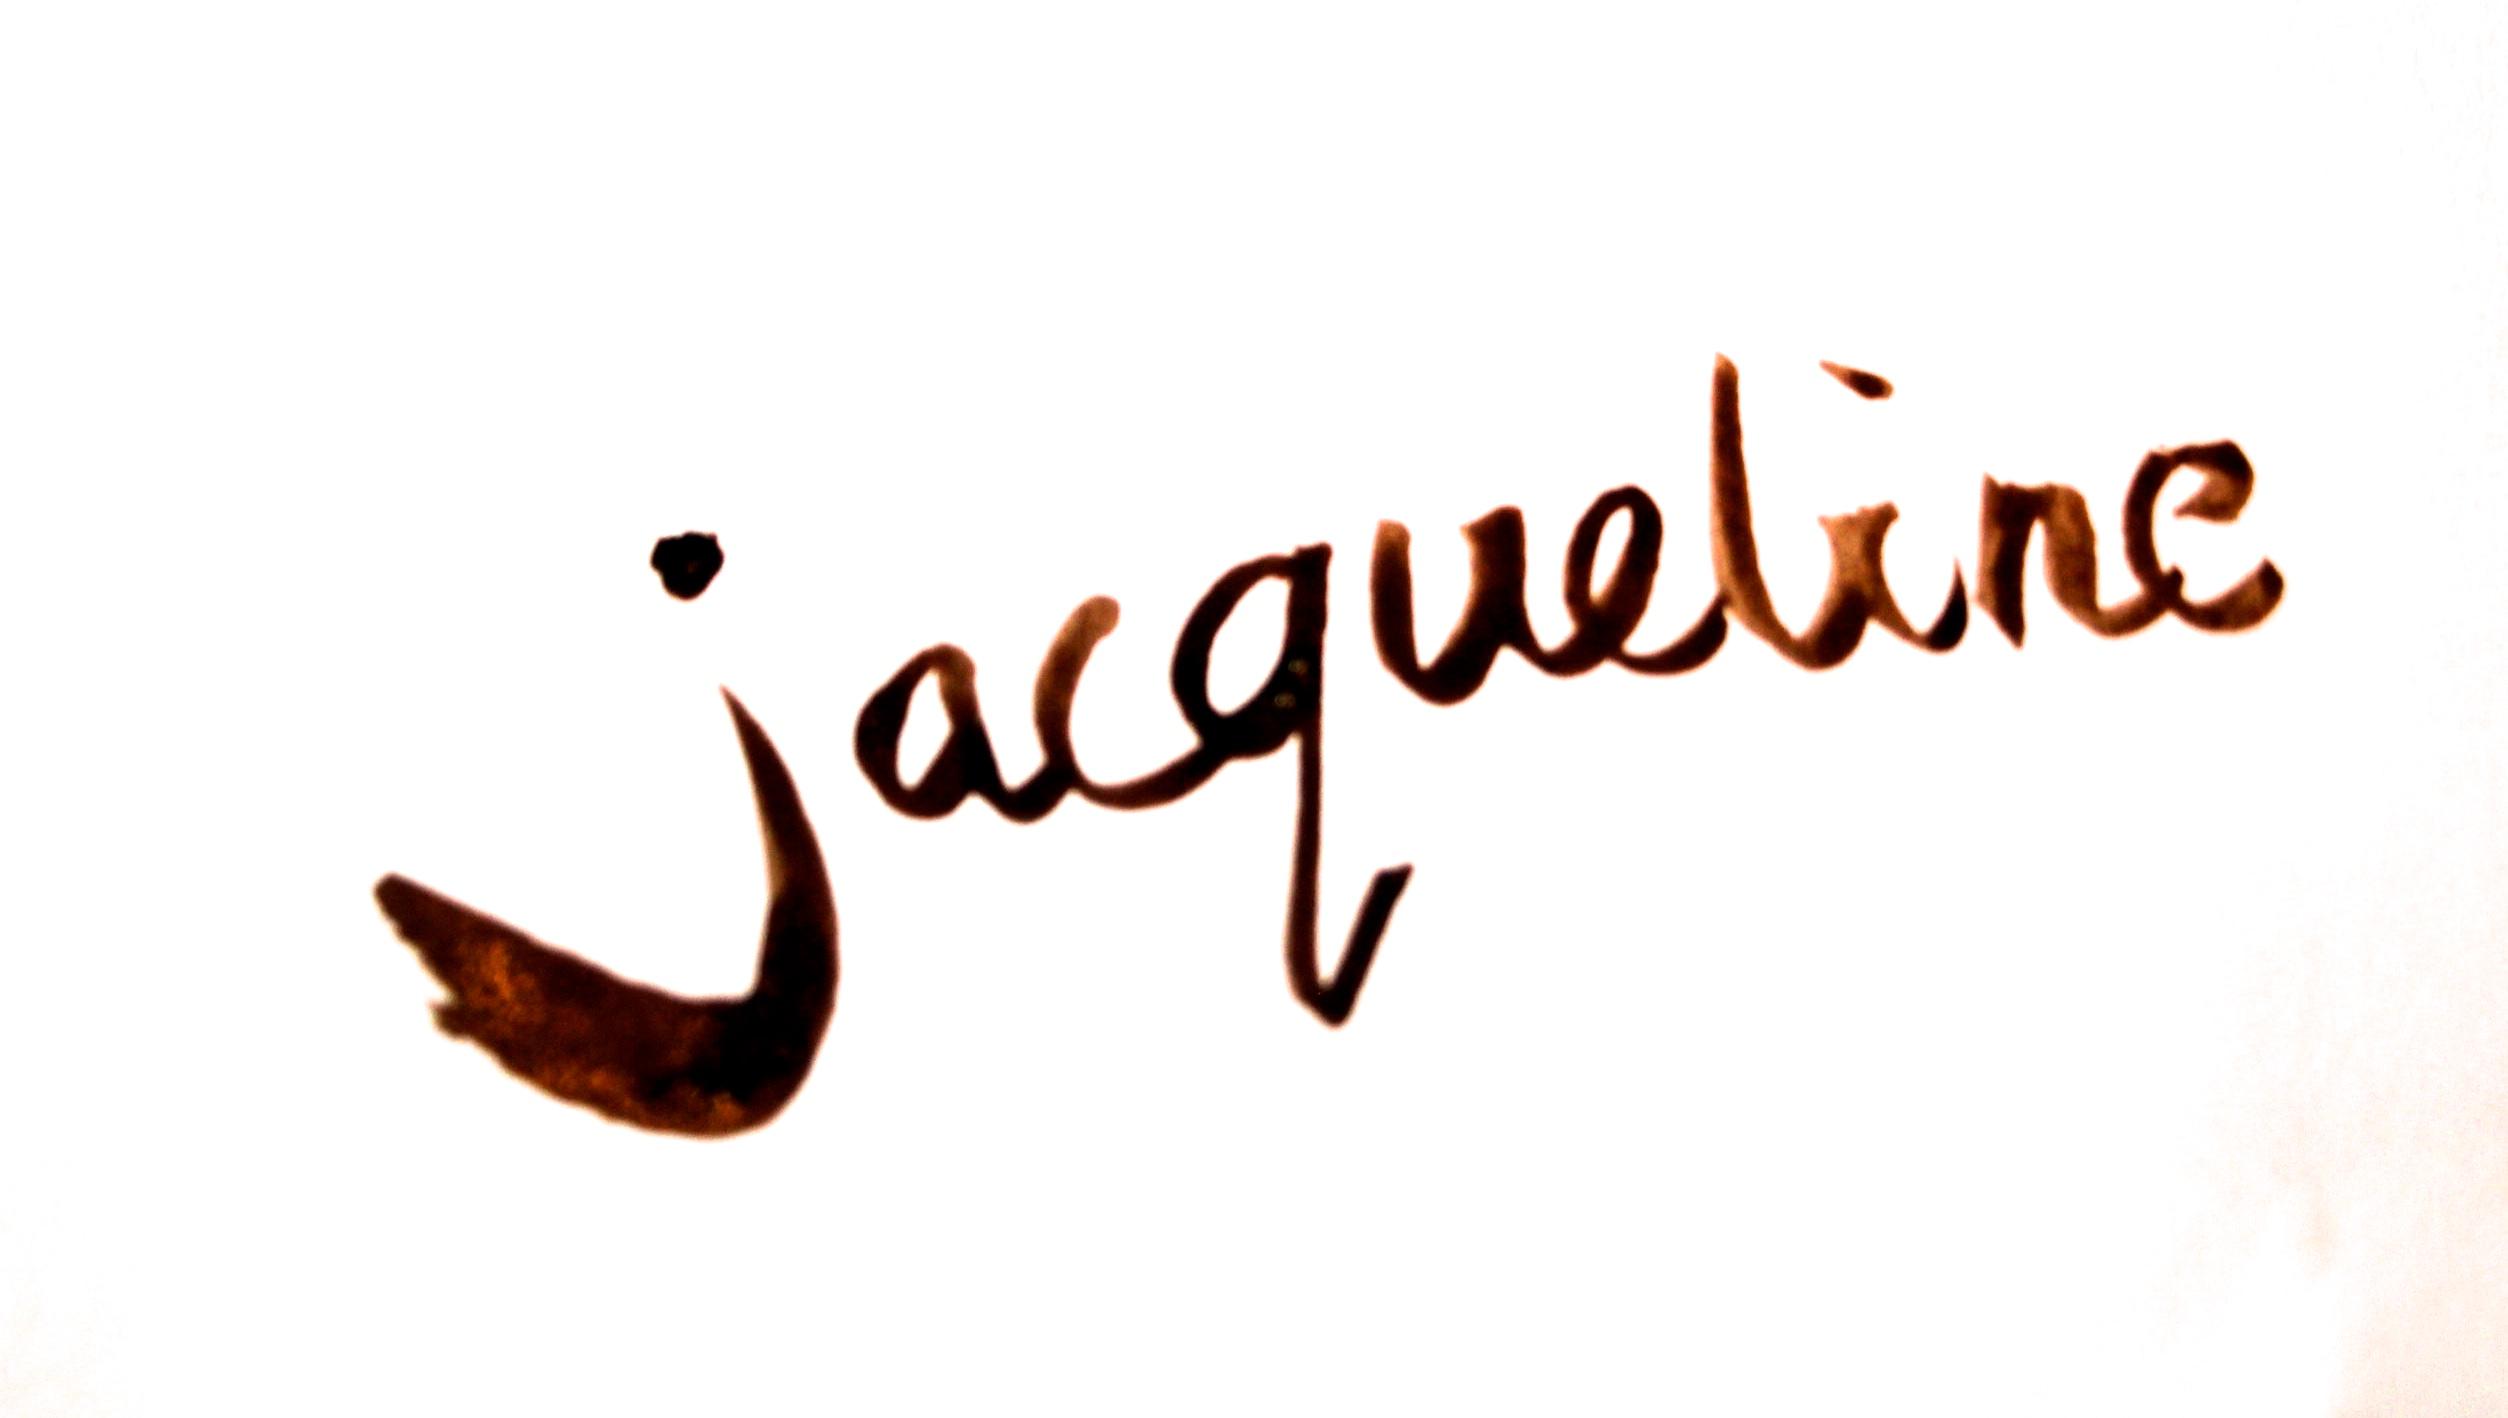 Jacqueline v/D Plaat's Signature